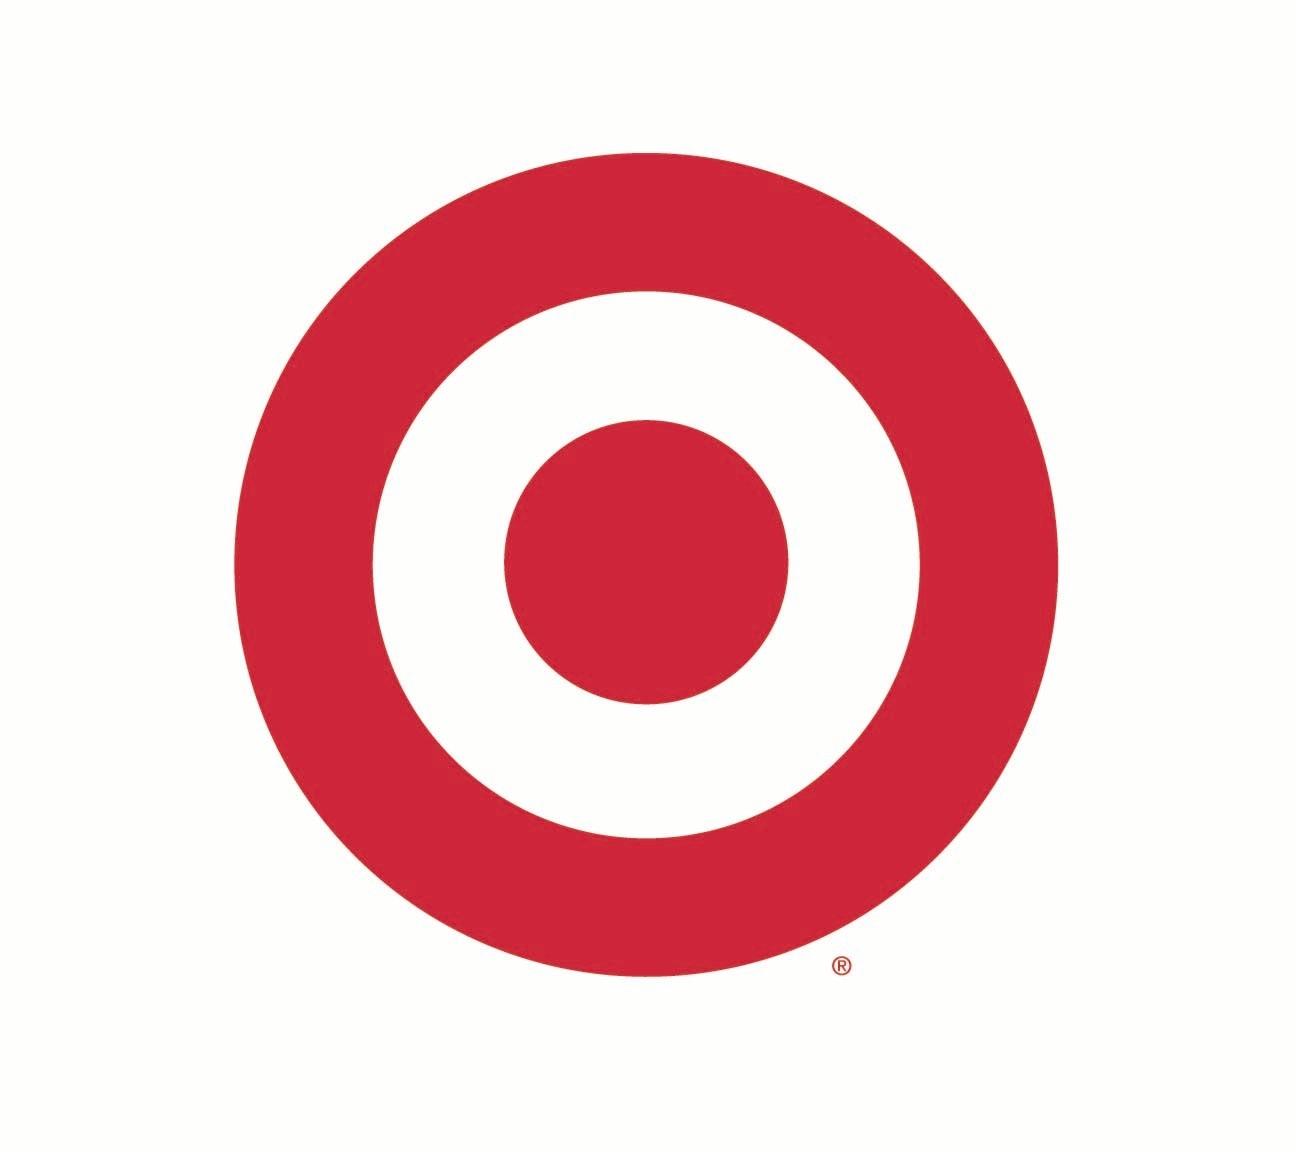 Target bullseye clipart